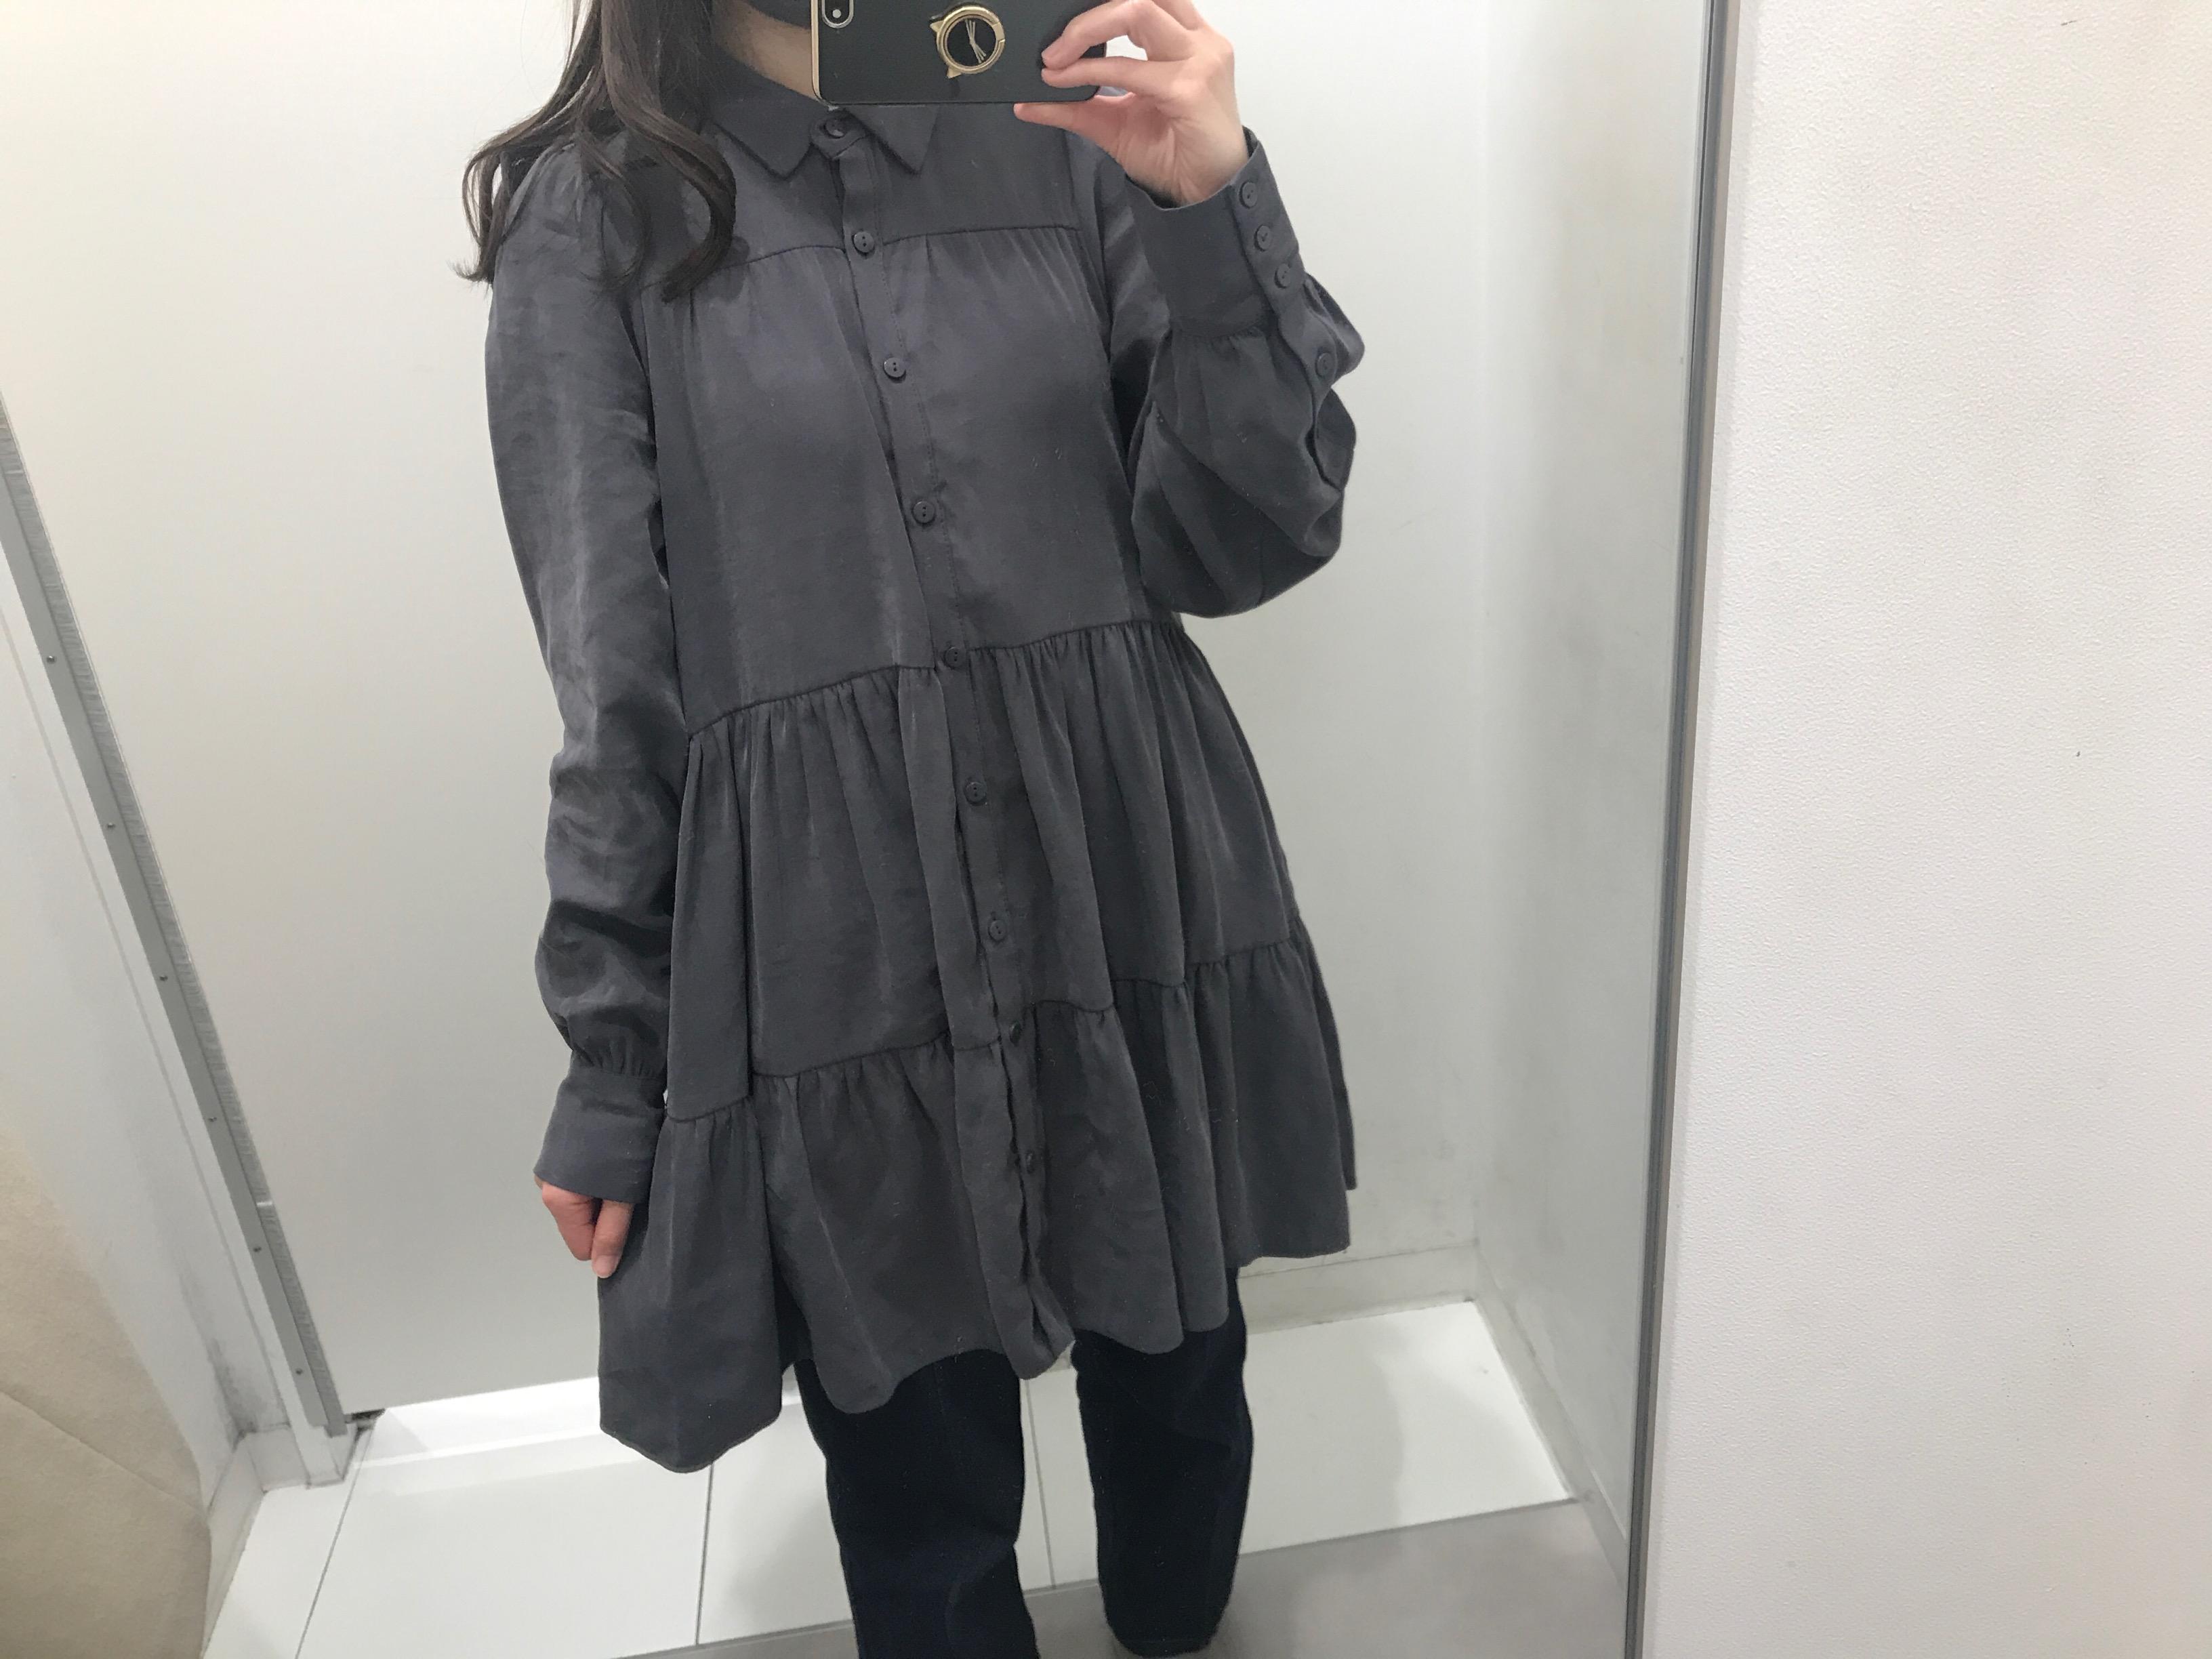 【ZARA】今から春まで着回せる! おすすめのトレンド服《ティアードシャツ》★_5